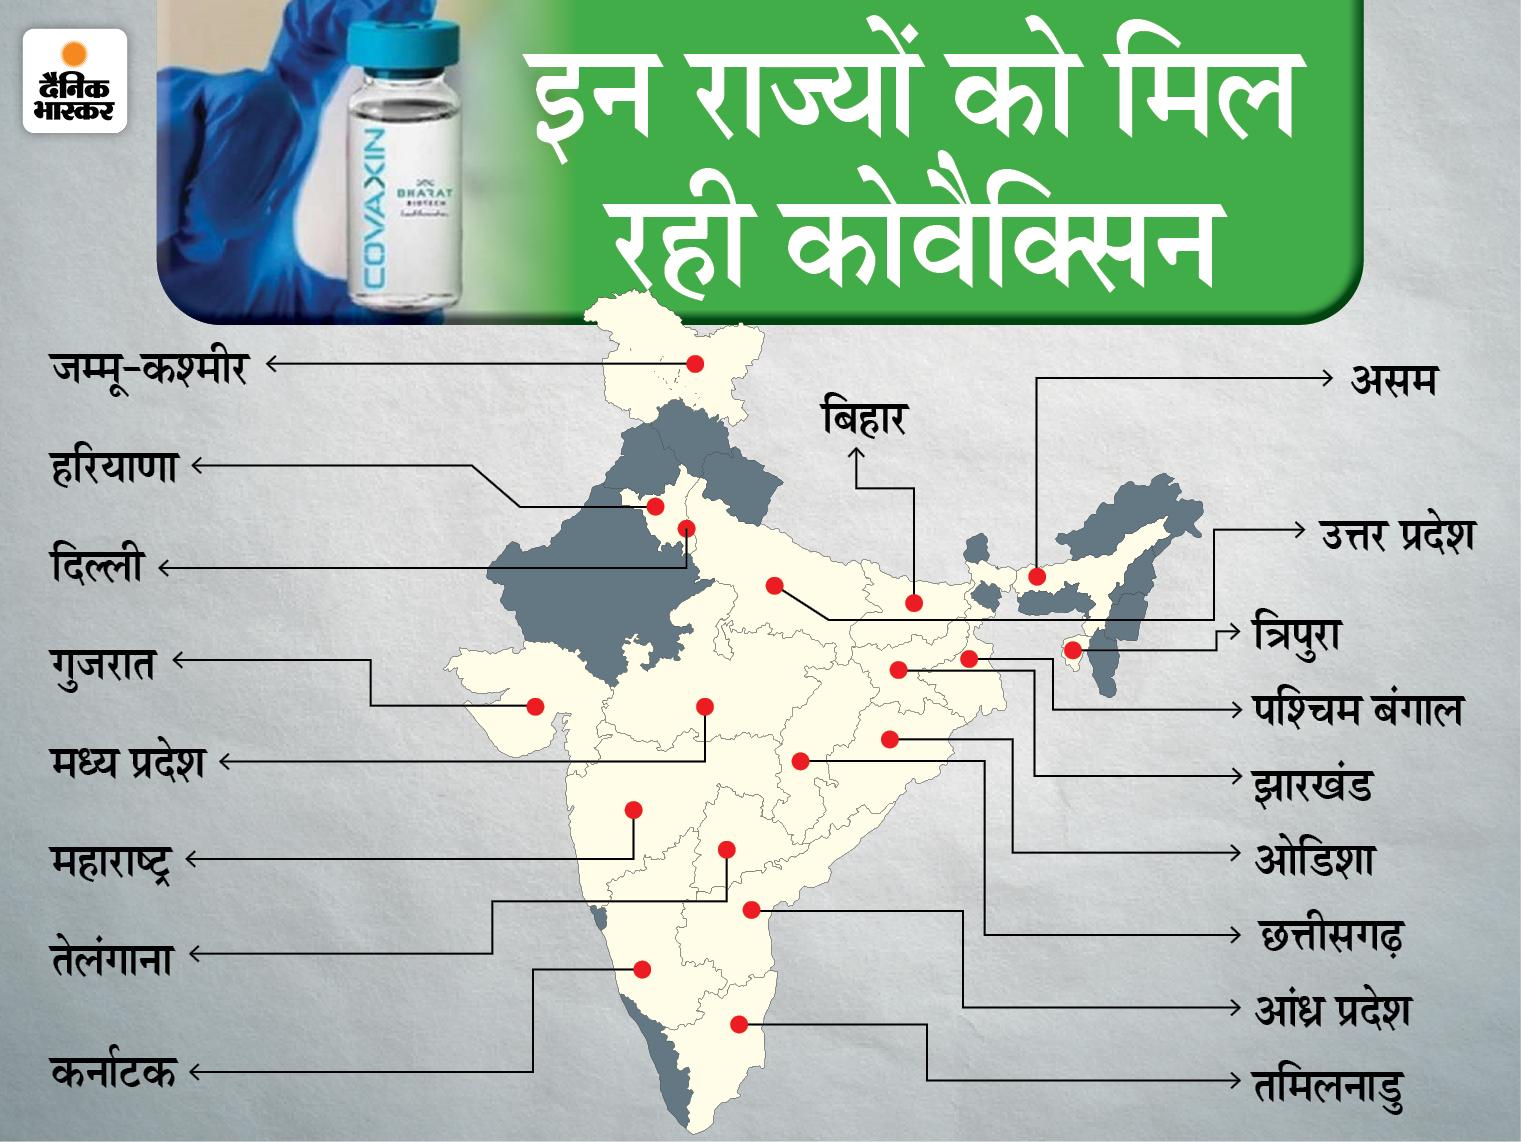 एक मई से 18 राज्यों को सीधे वैक्सीन मुहैया करा रही भारत बायोटेक; कंपनी ने कहा- कुछ राज्य हम पर सवाल उठा रहे, यह ठीक नहीं|देश,National - Dainik Bhaskar